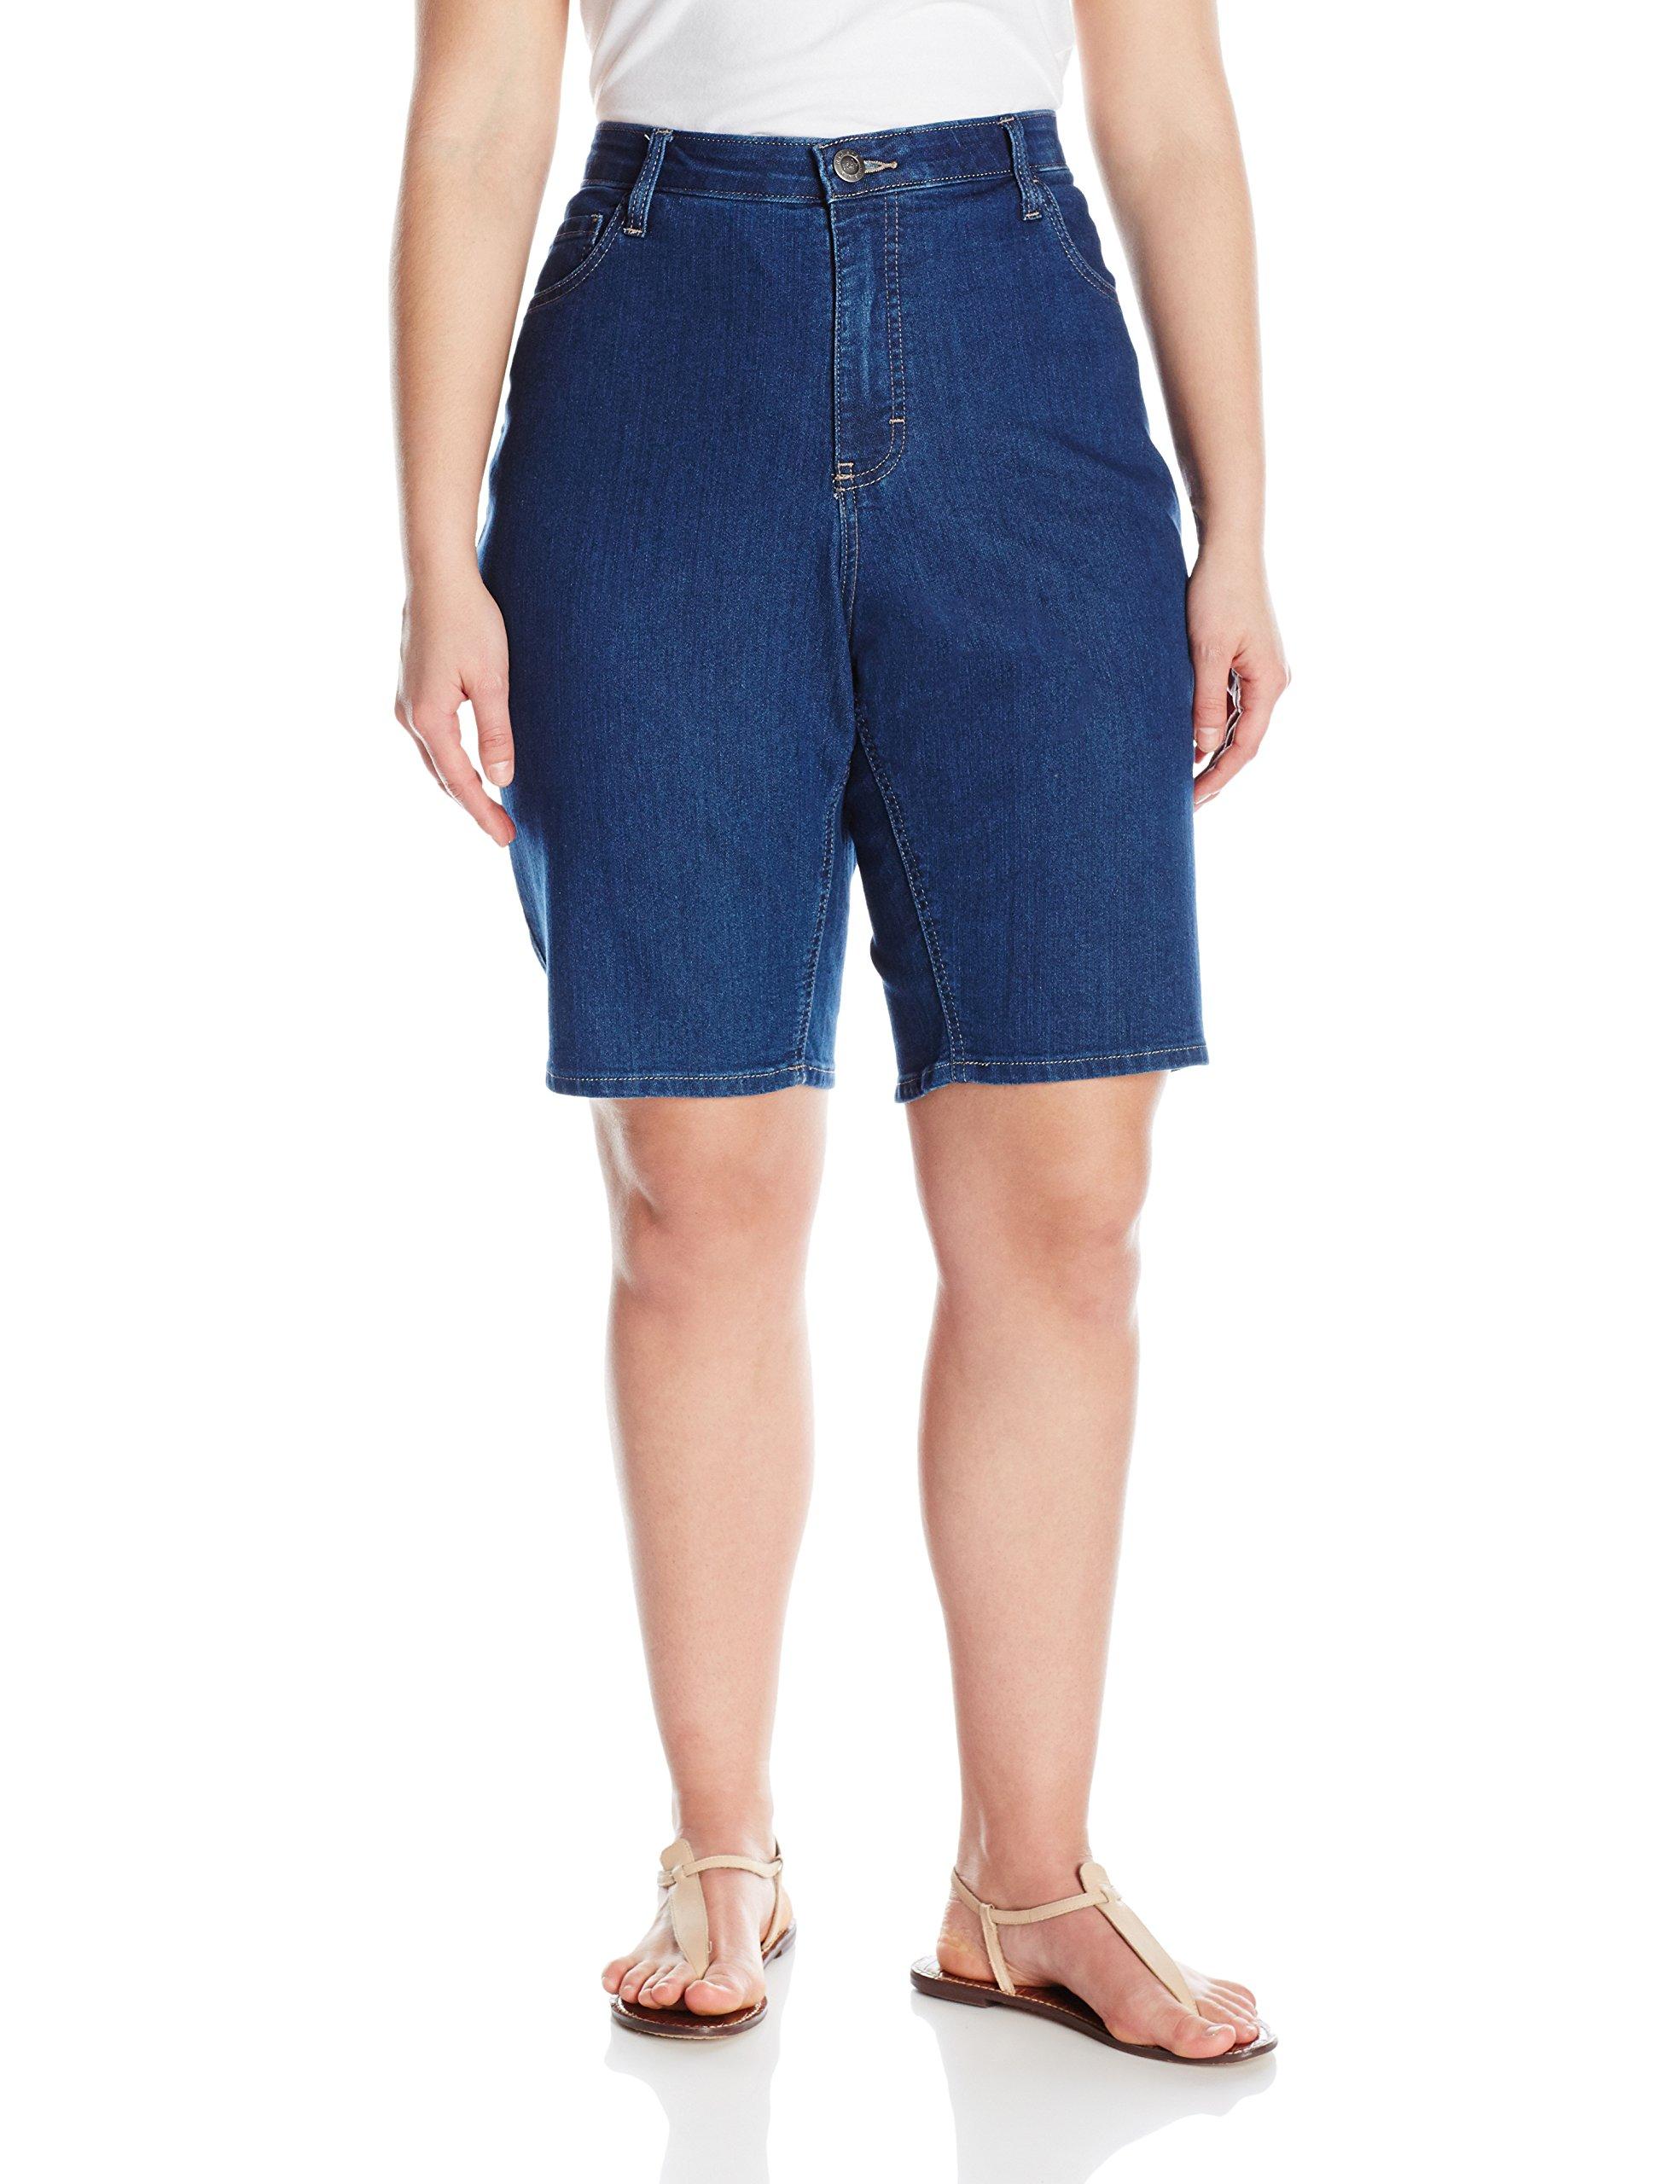 Riders by Lee Indigo Women's Plus Size Comfort Waist Bermuda Short, Blue Suede, 24 W